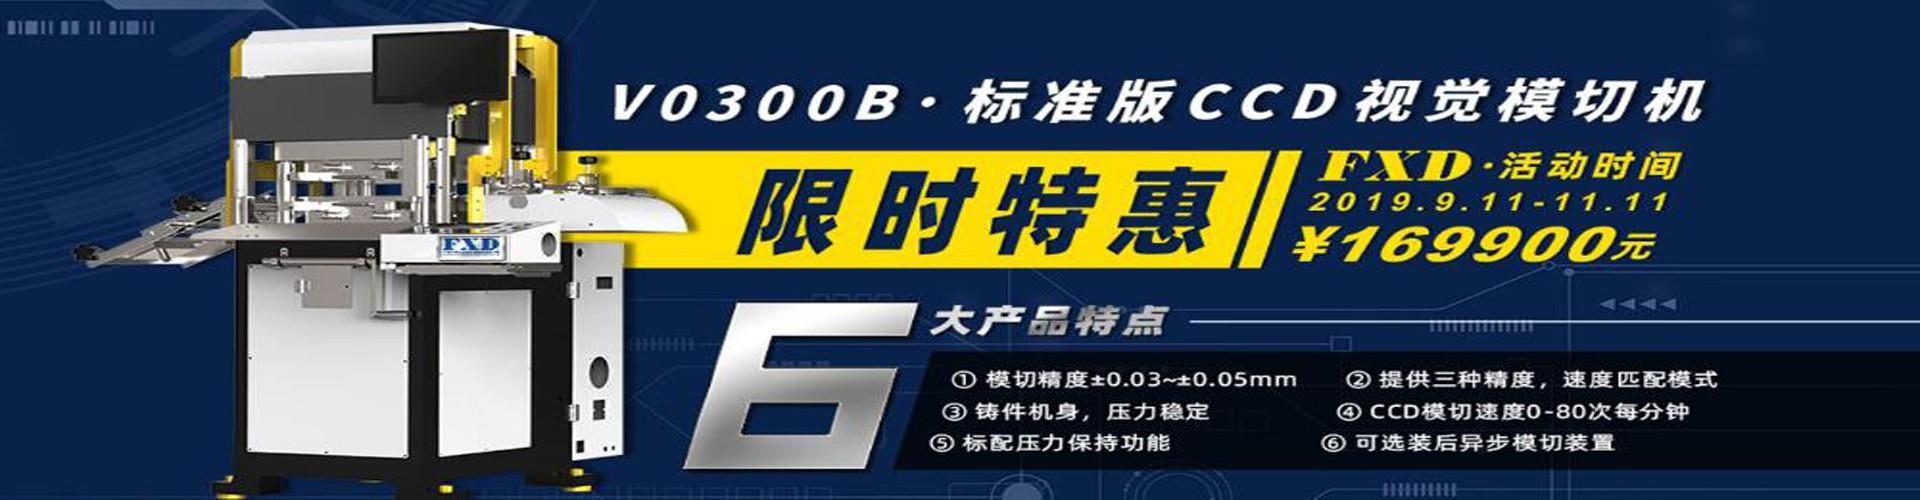 广东飞新达智能设备股份有限公司